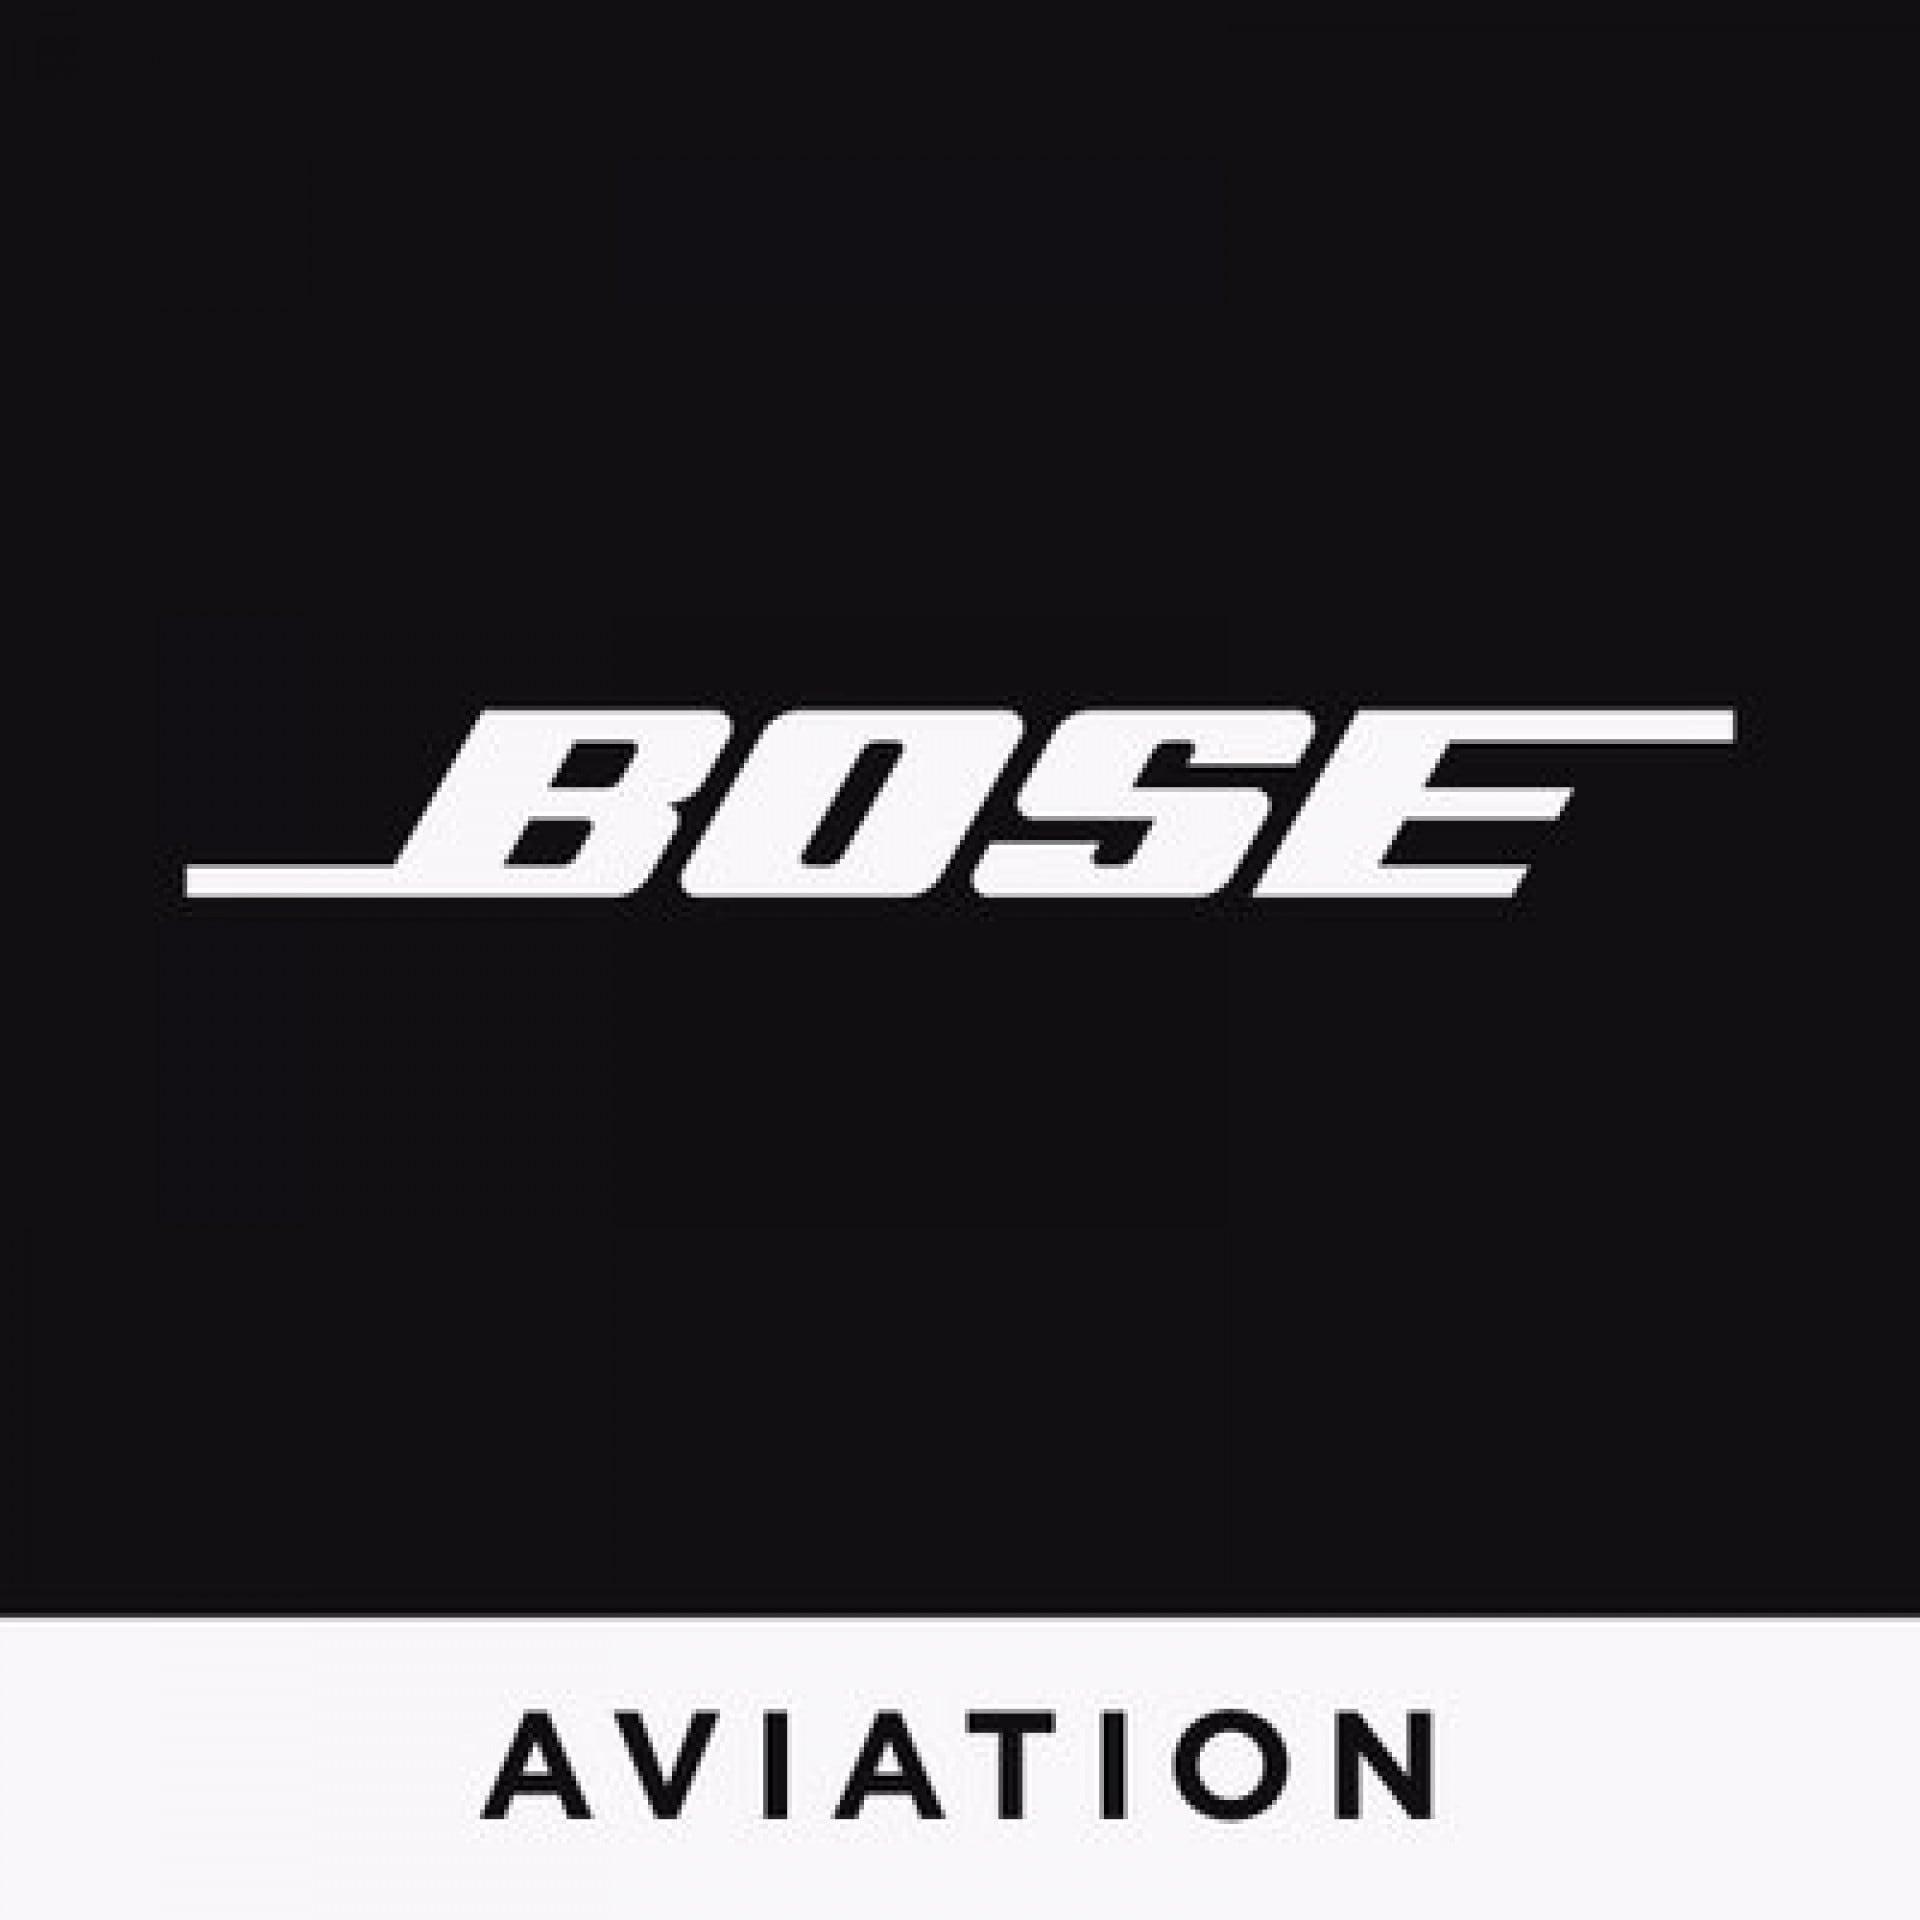 Bose Aviation